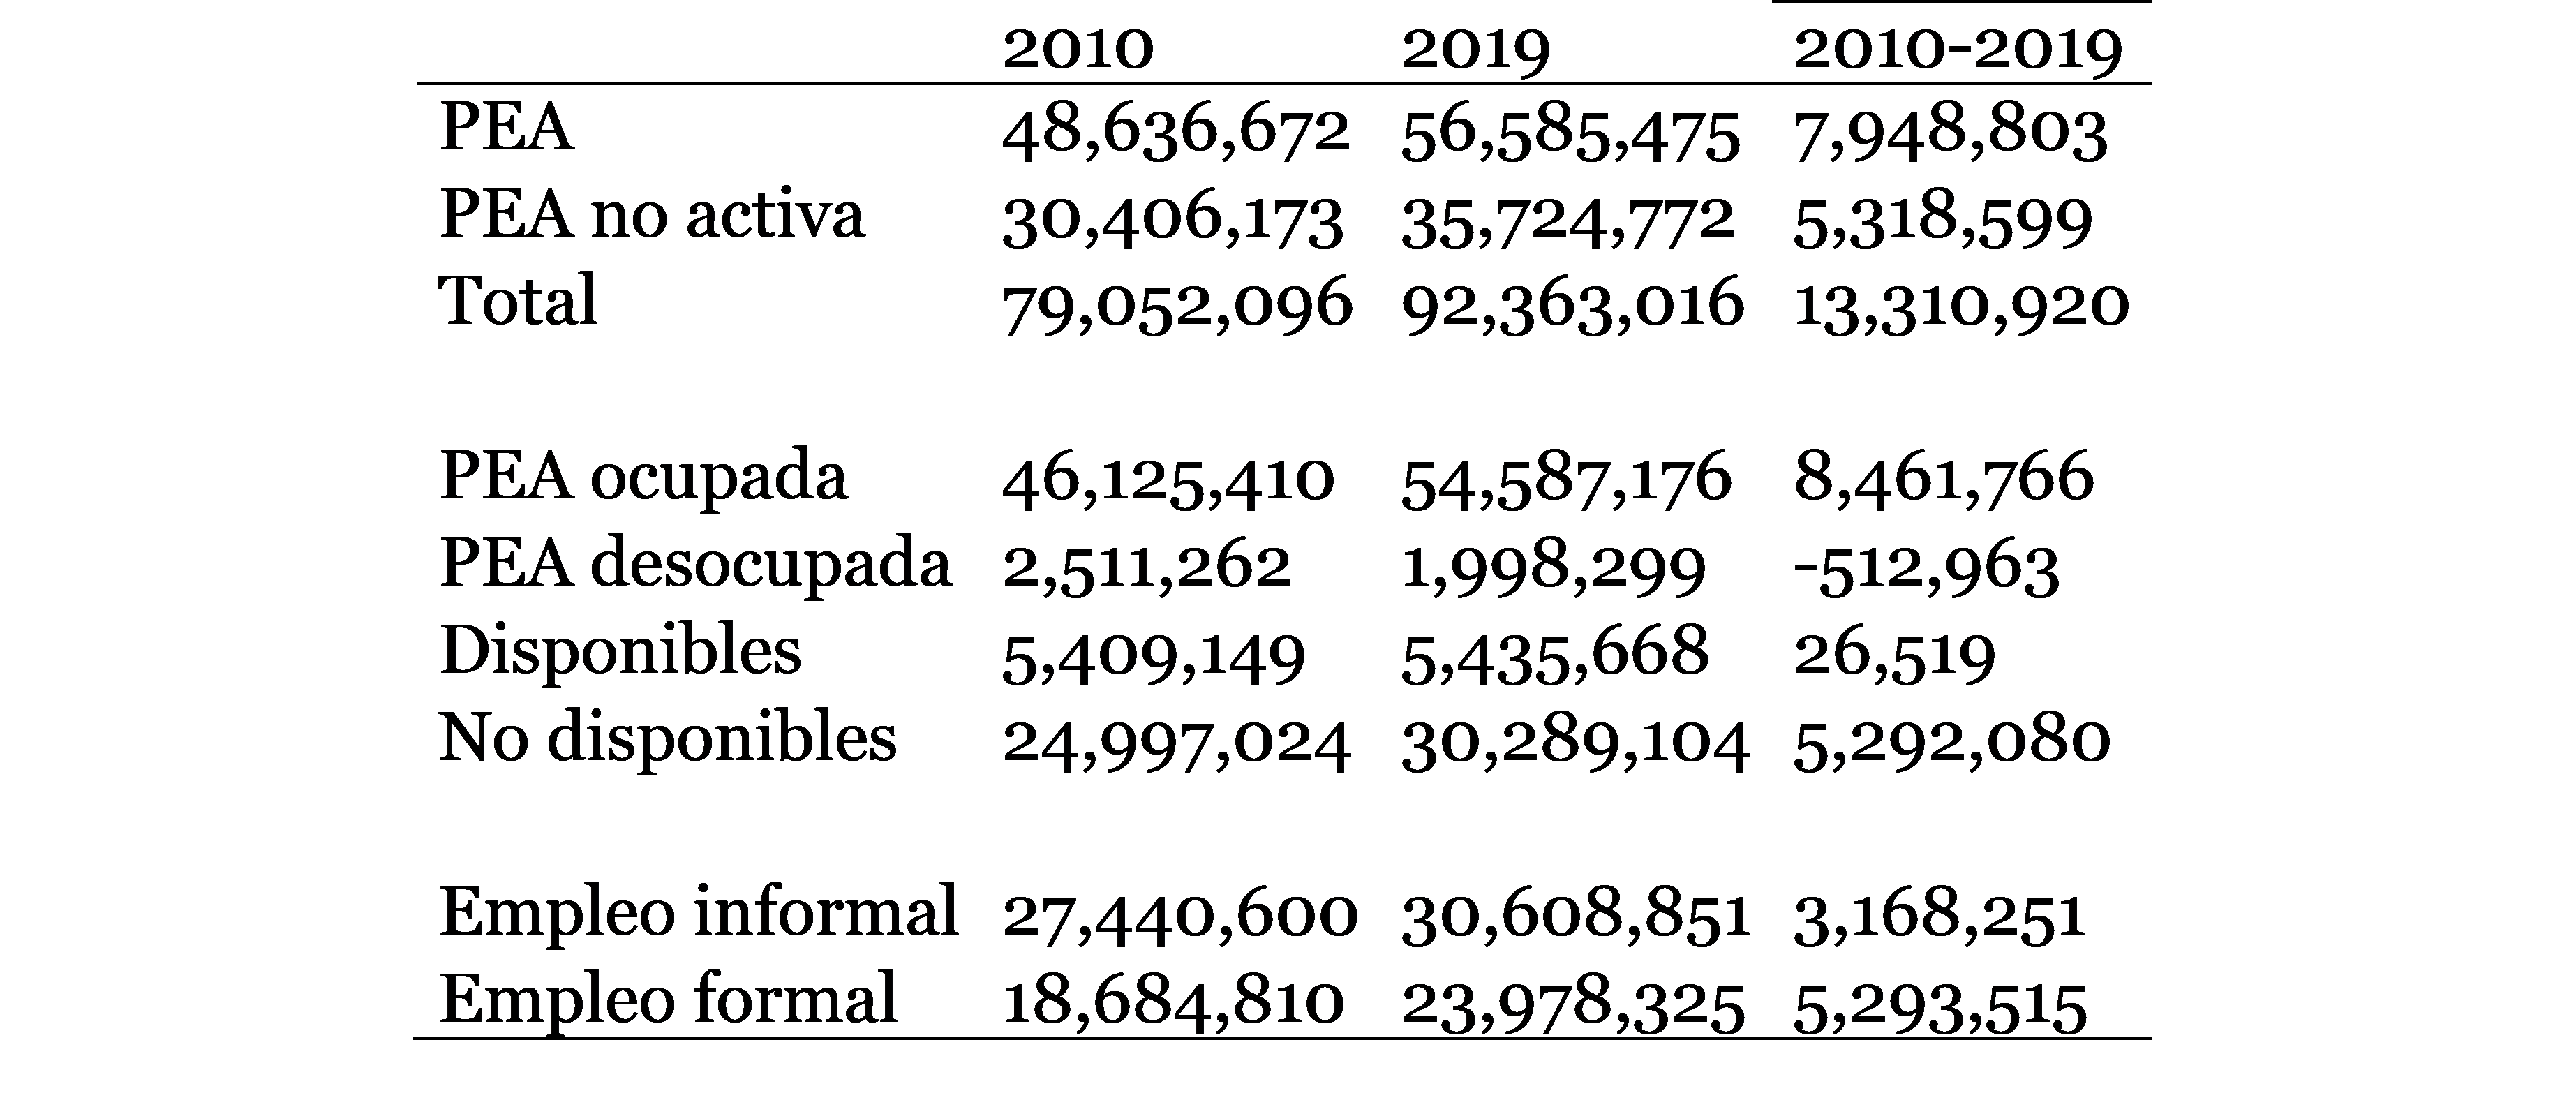 Cuadro 1. México Crecimiento de la PEA por condición de actividad